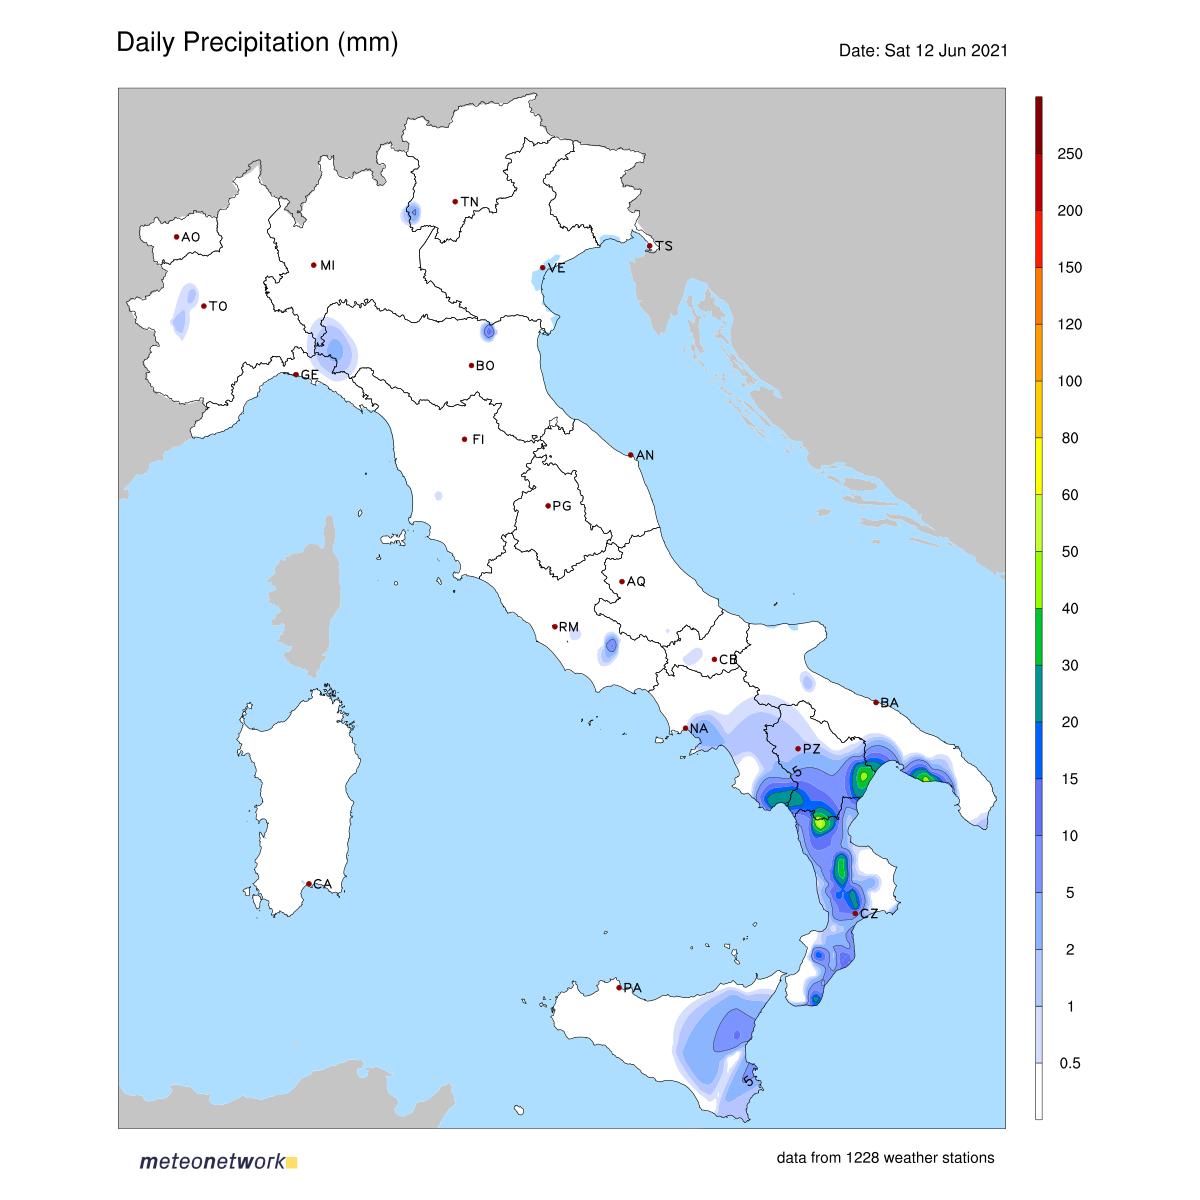 Dati Meteo 2021-06-12 prec_italia